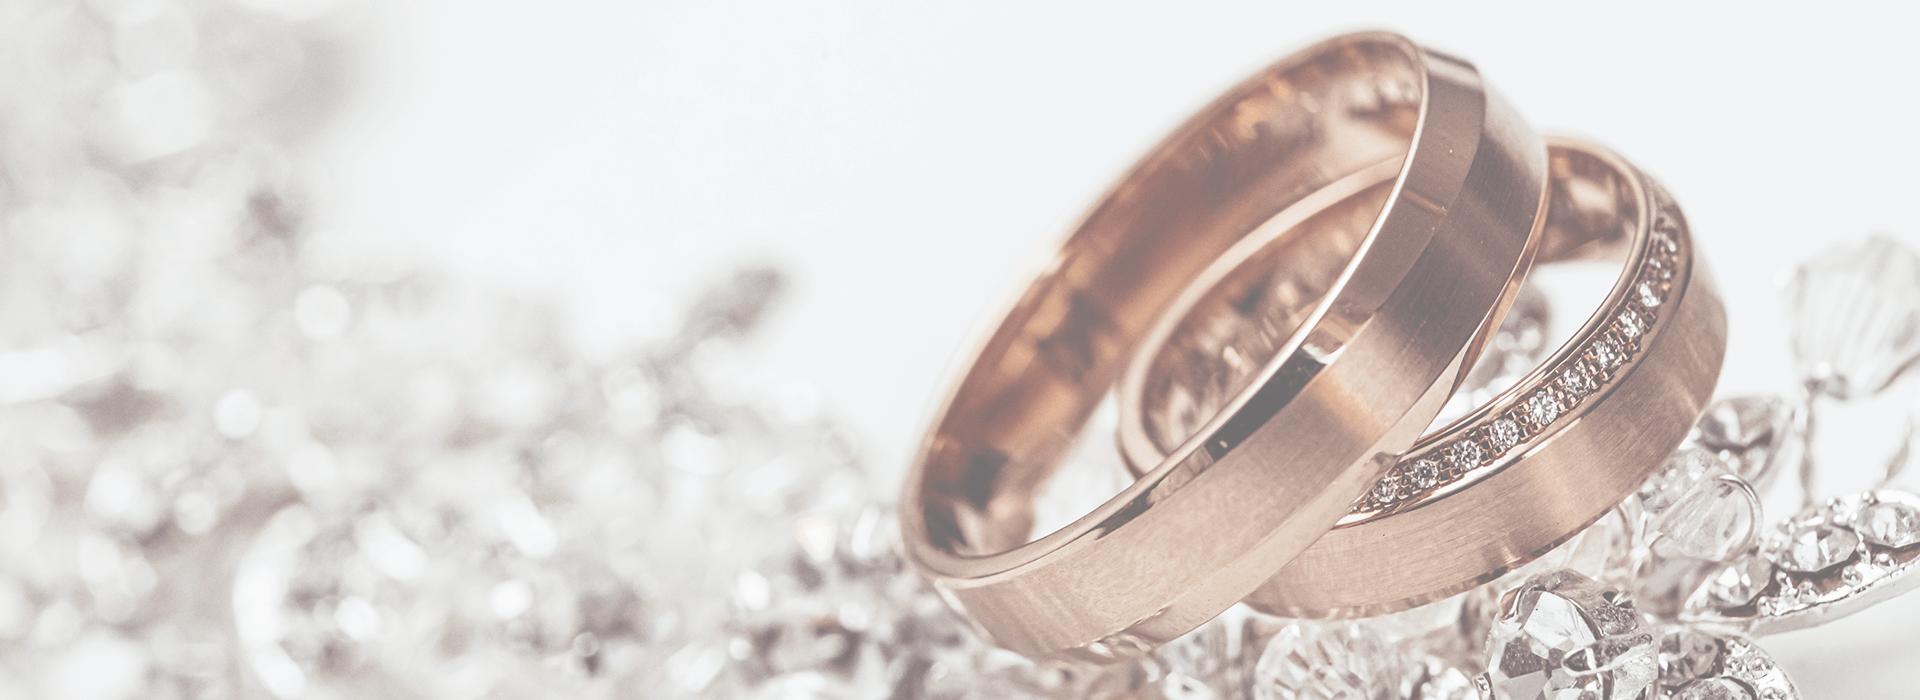 slider2-ancien-bijoux-transfromation-bijou-bijouterie-horlogerie-carat-delles-chaudfontaine